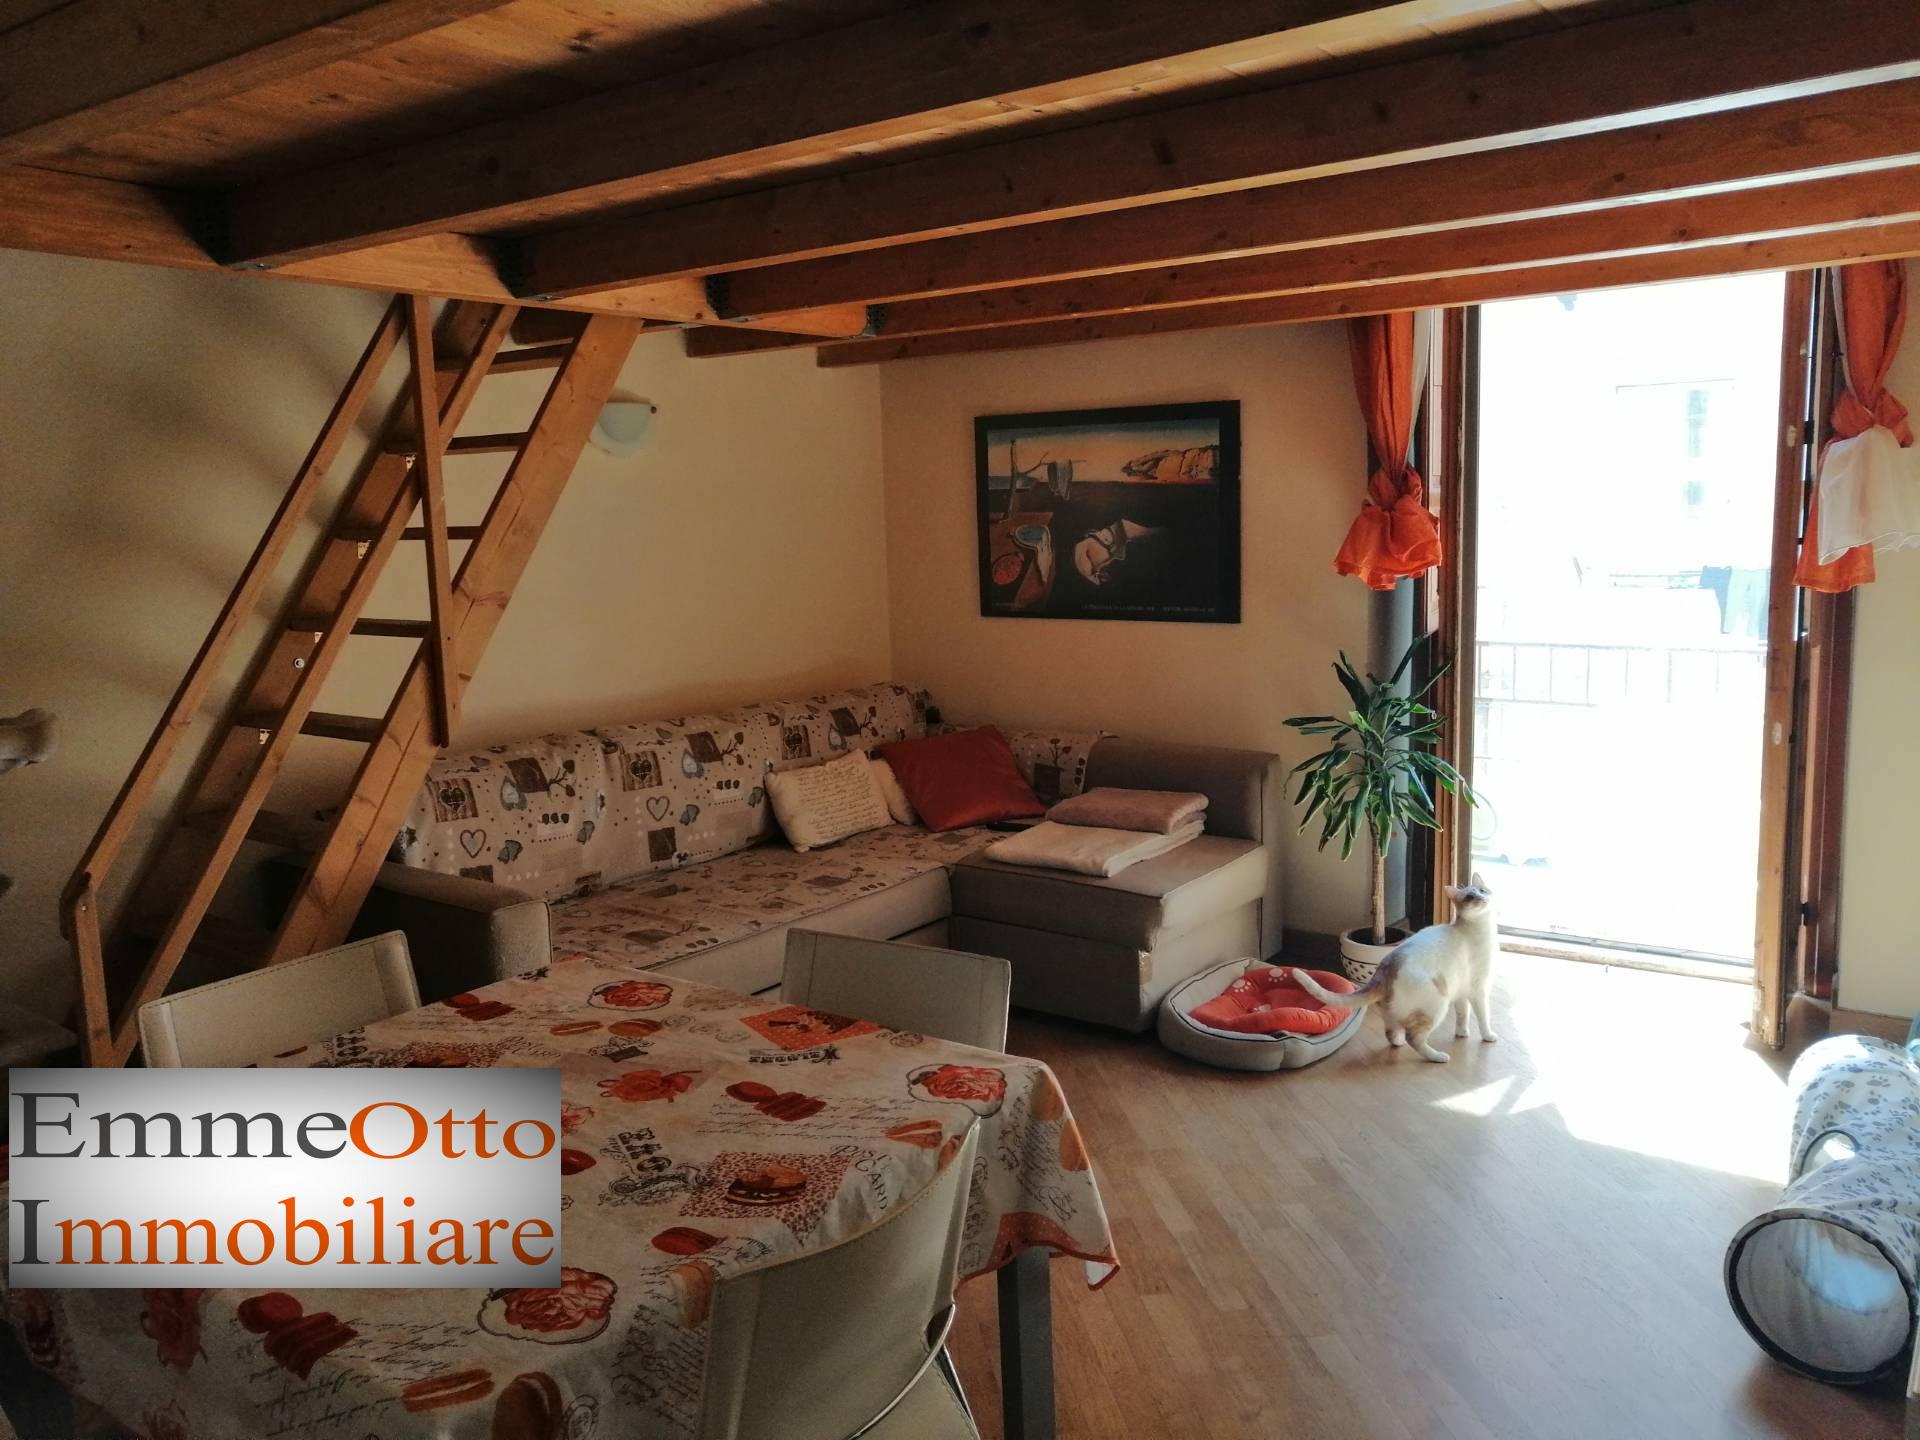 Appartamento in affitto a Cagliari (CA)